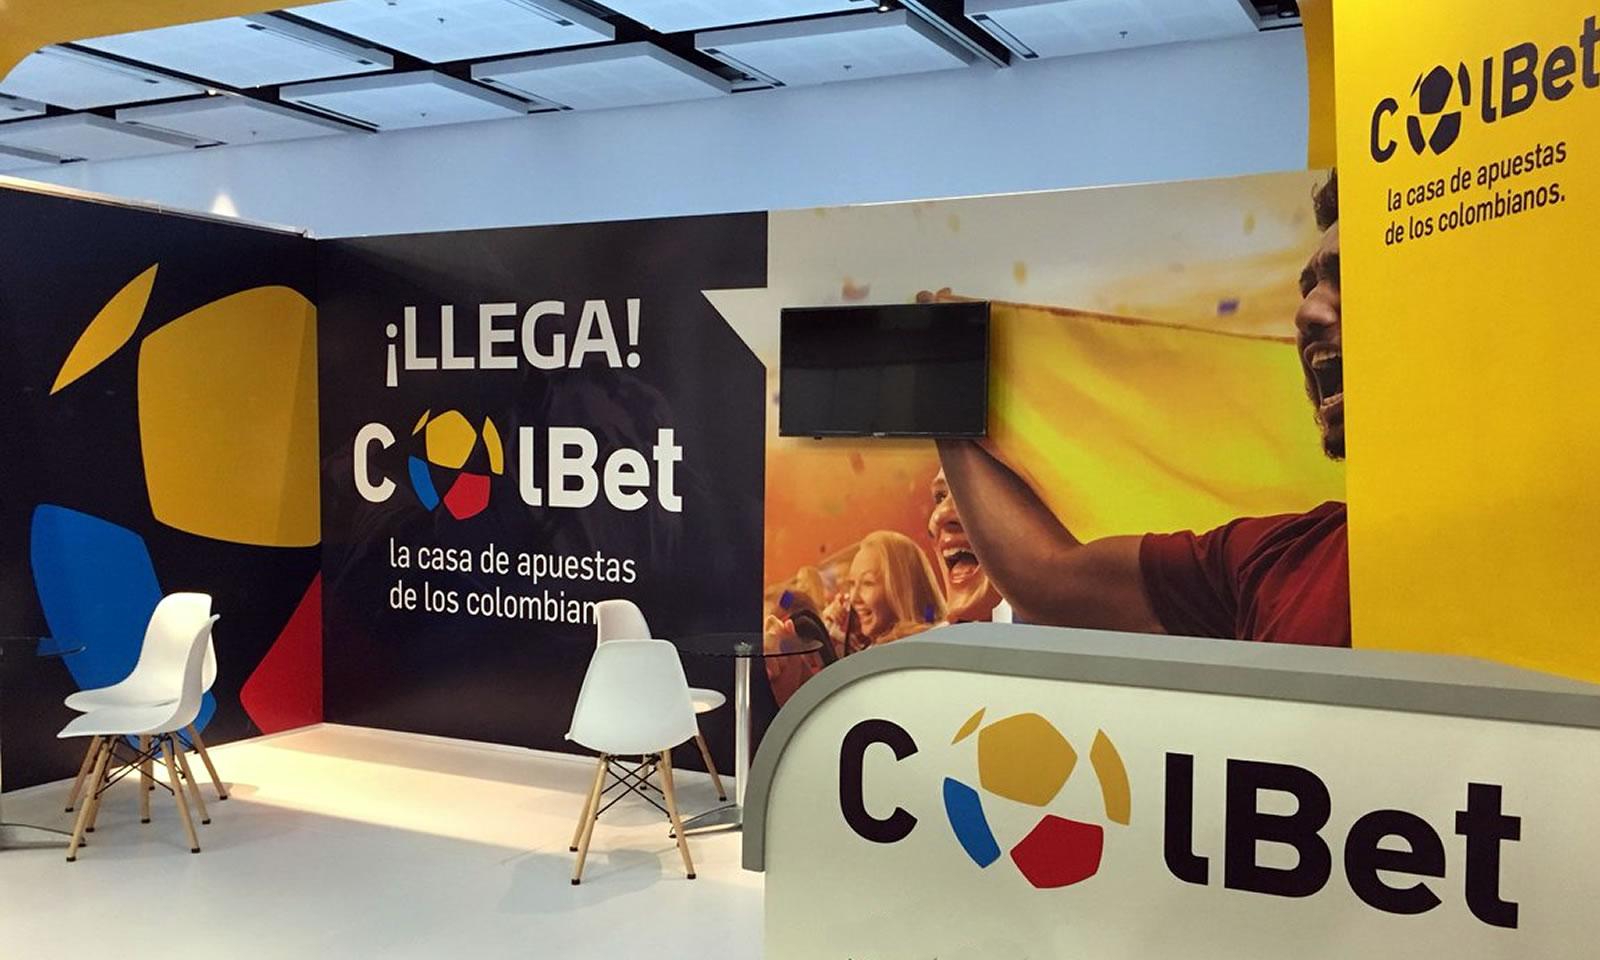 ¿Cómo apostar en Colbet?